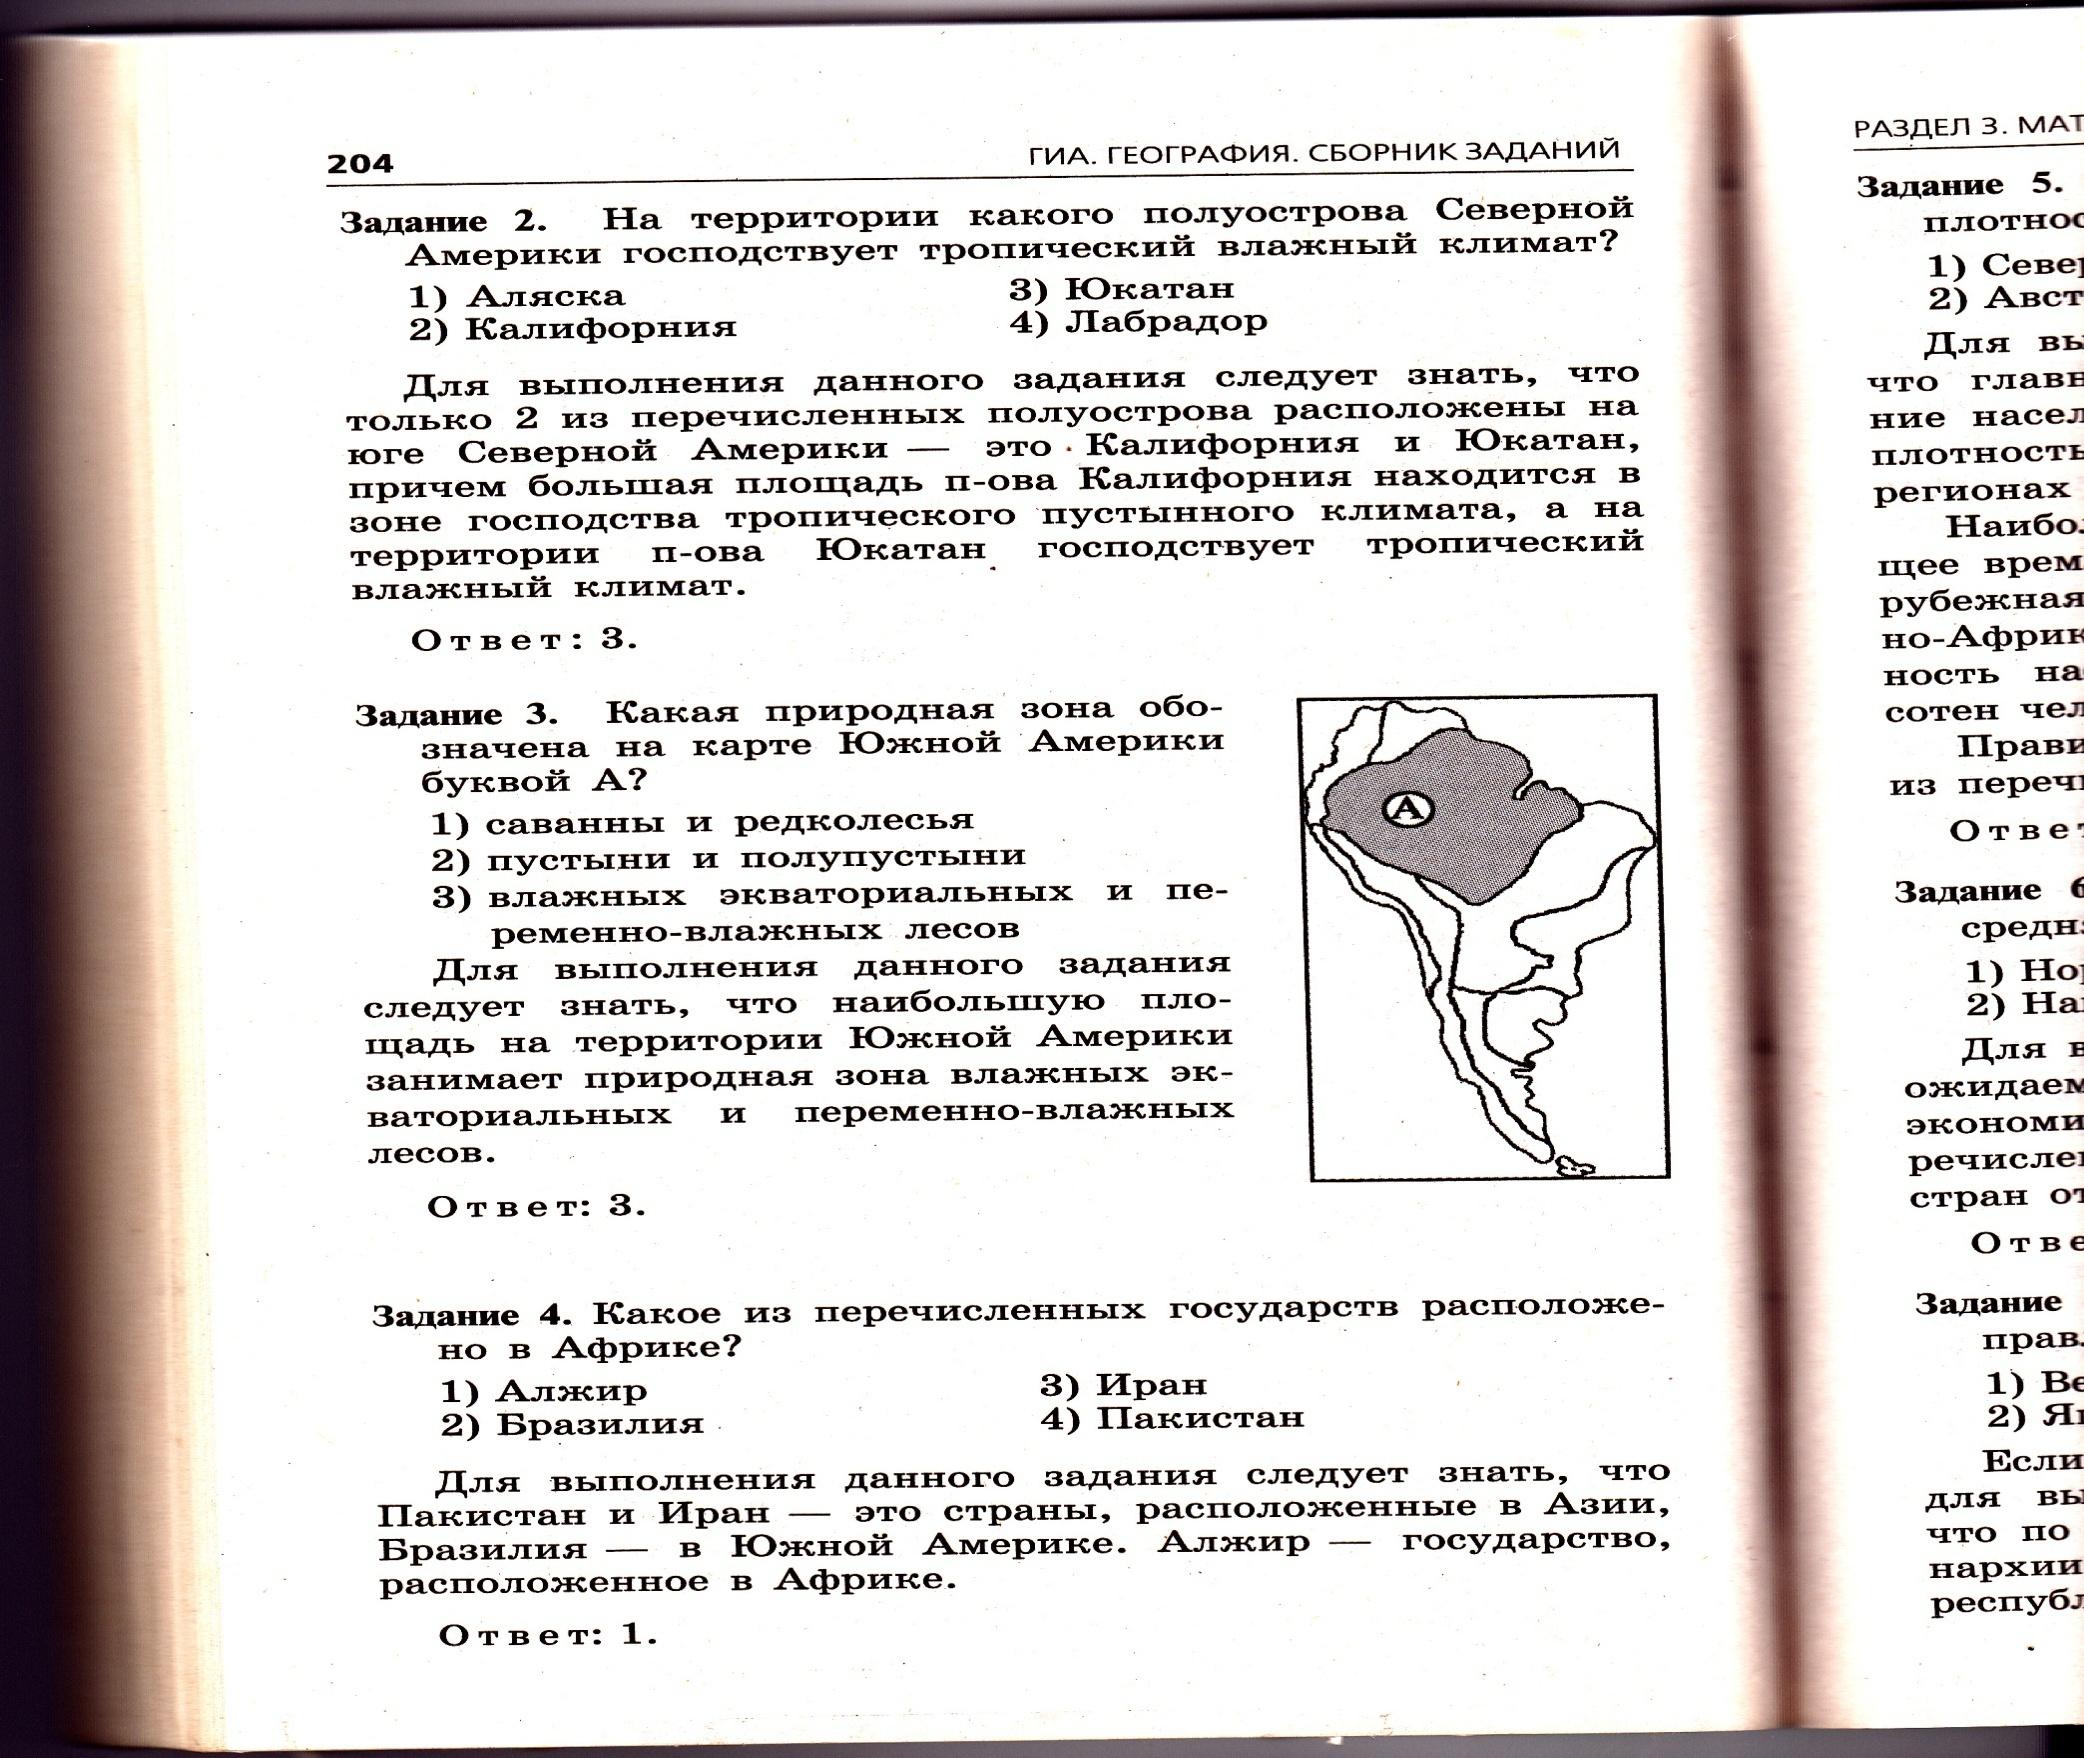 Контрольная работа по географии с ответами 9388